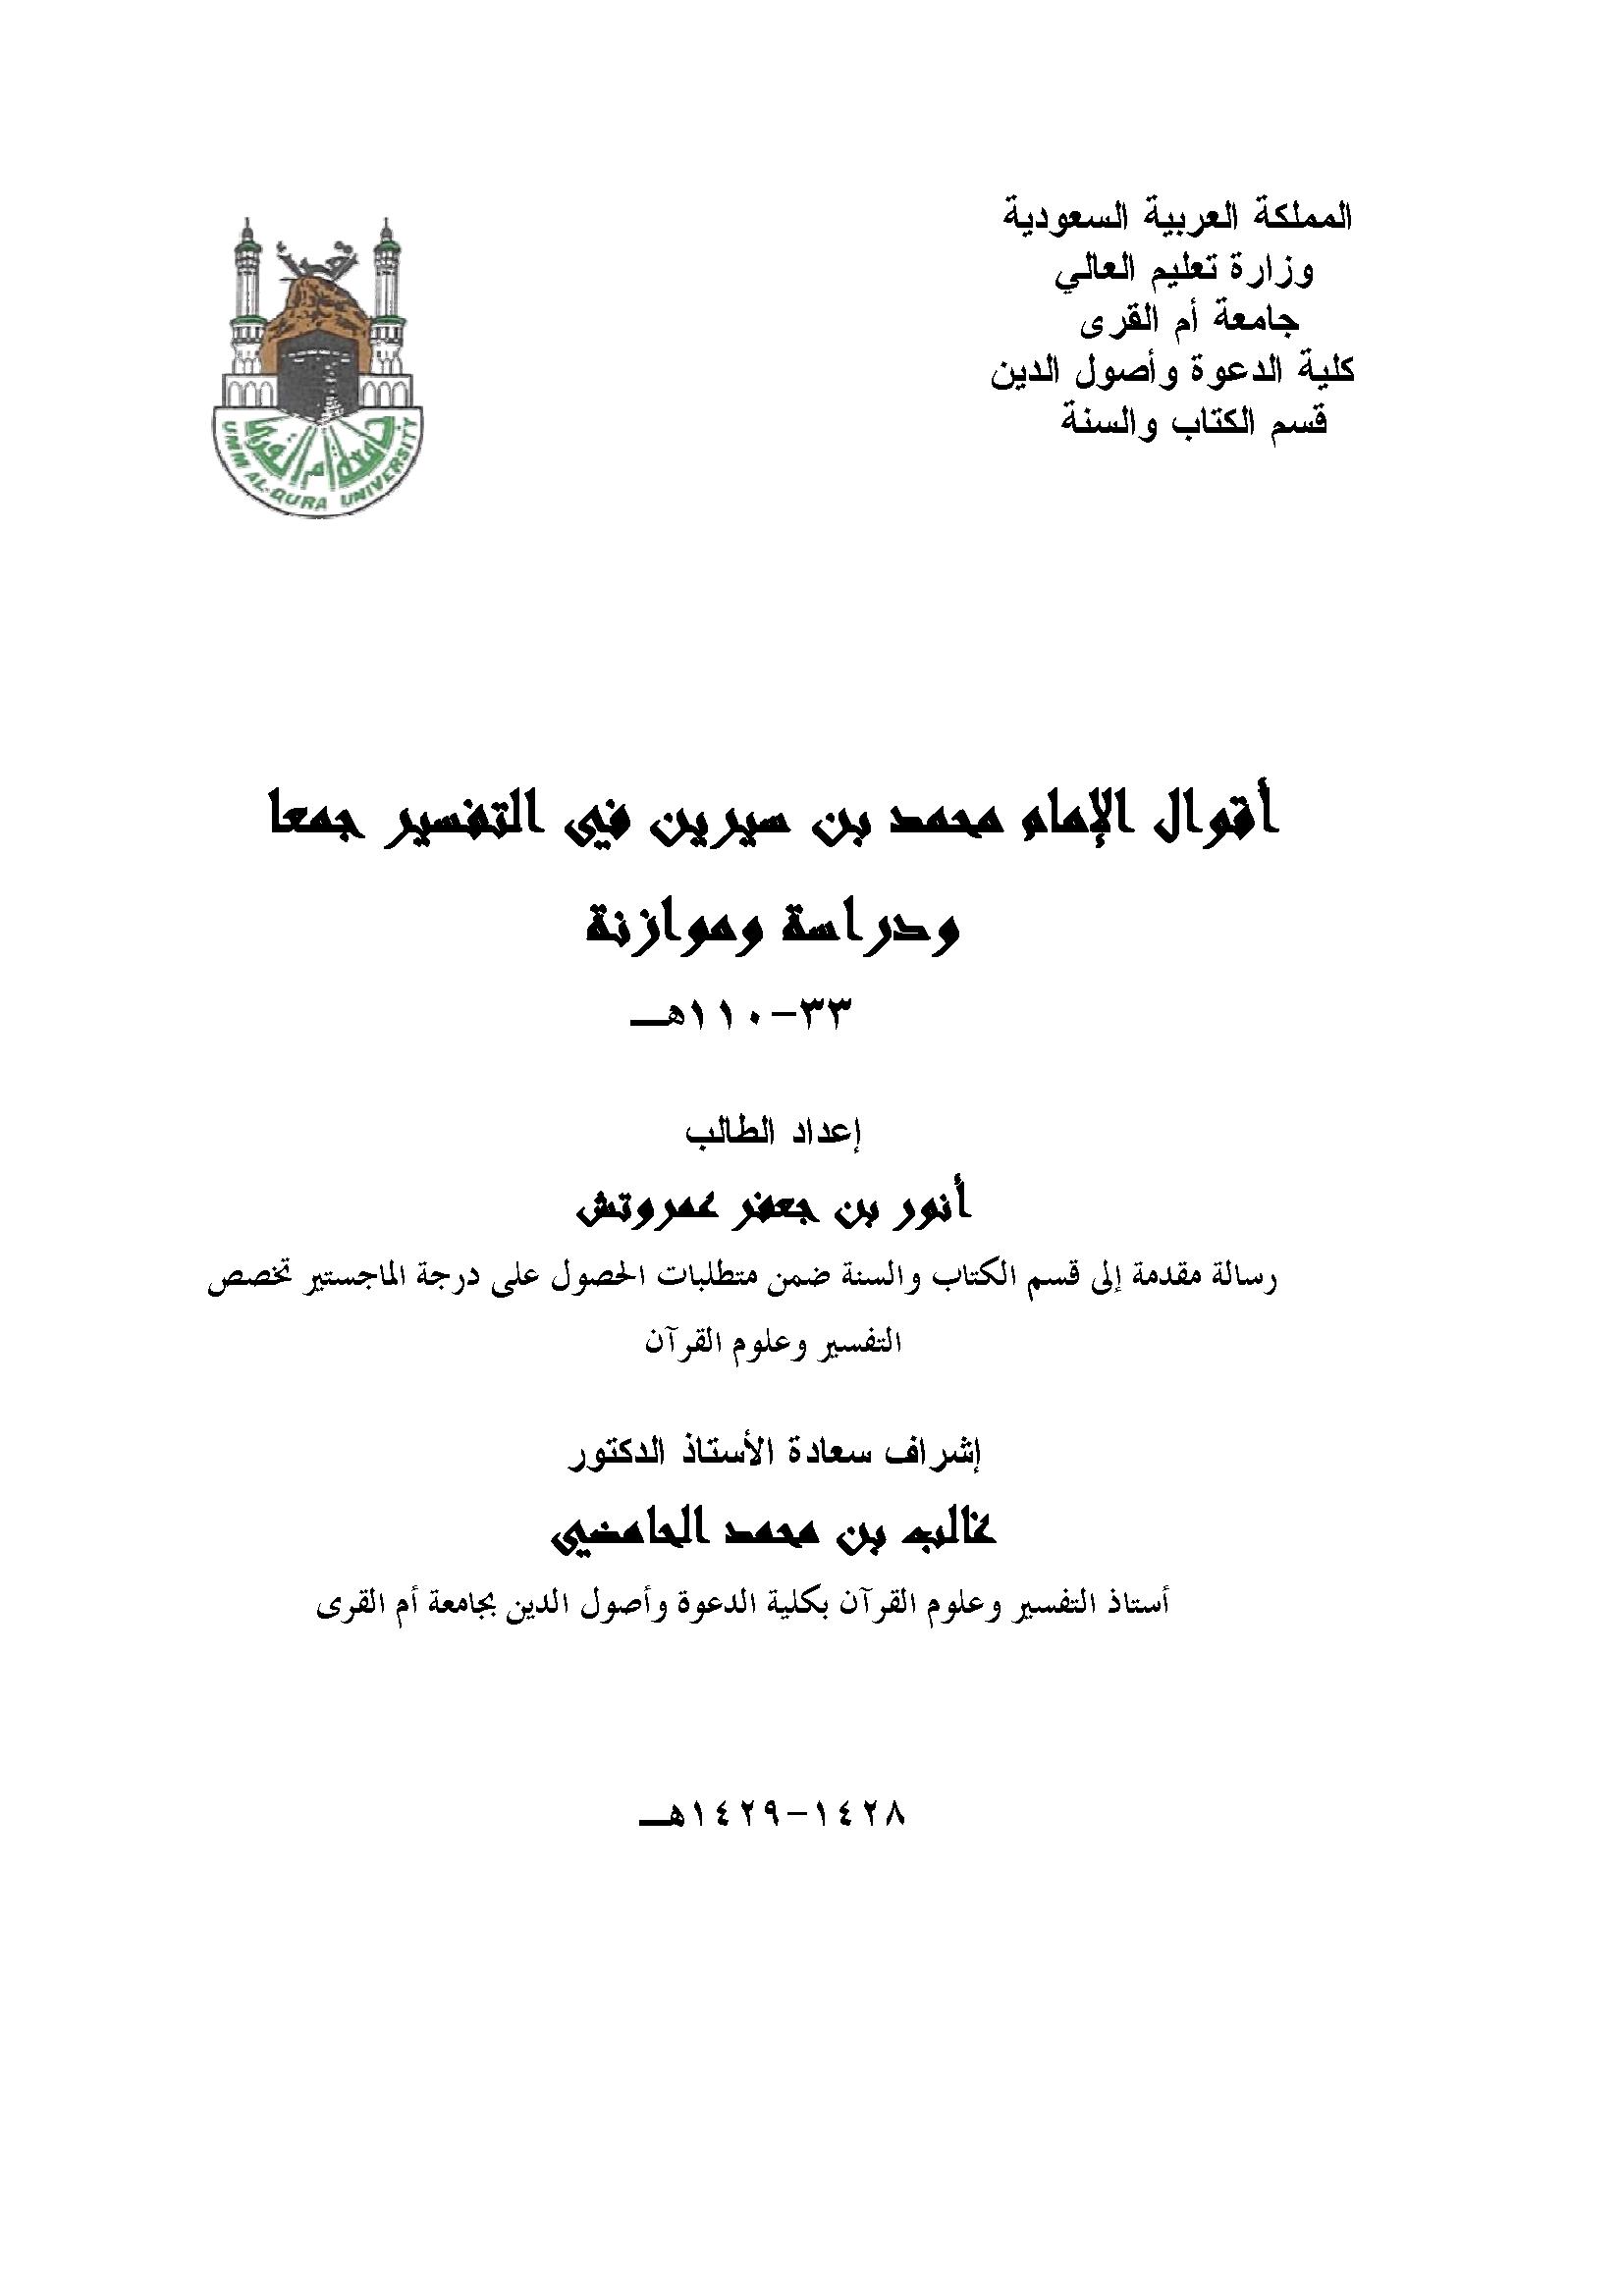 تحميل كتاب أقوال الإمام محمد بن سيرين في التفسير جمعًا ودراسة وموازنة لـِ: أنور بن جعفر عمروتش